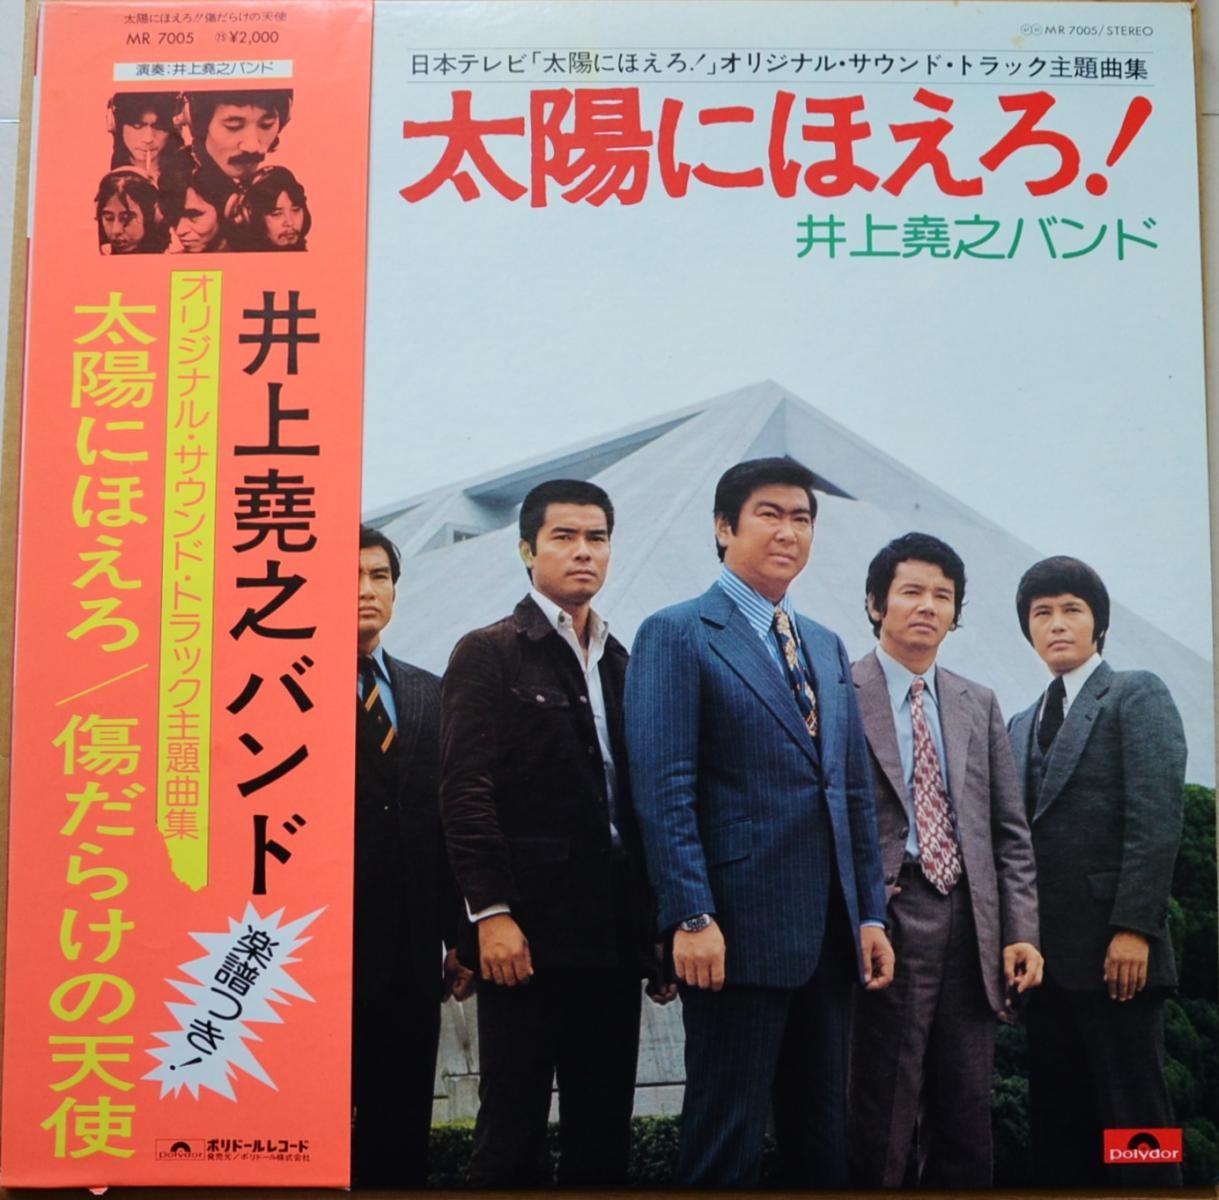 井上堯之バンド / 太陽にほえろ!  / 傷だらけの天使 オリジナル・サウンド・トラック主題曲集 (LP)